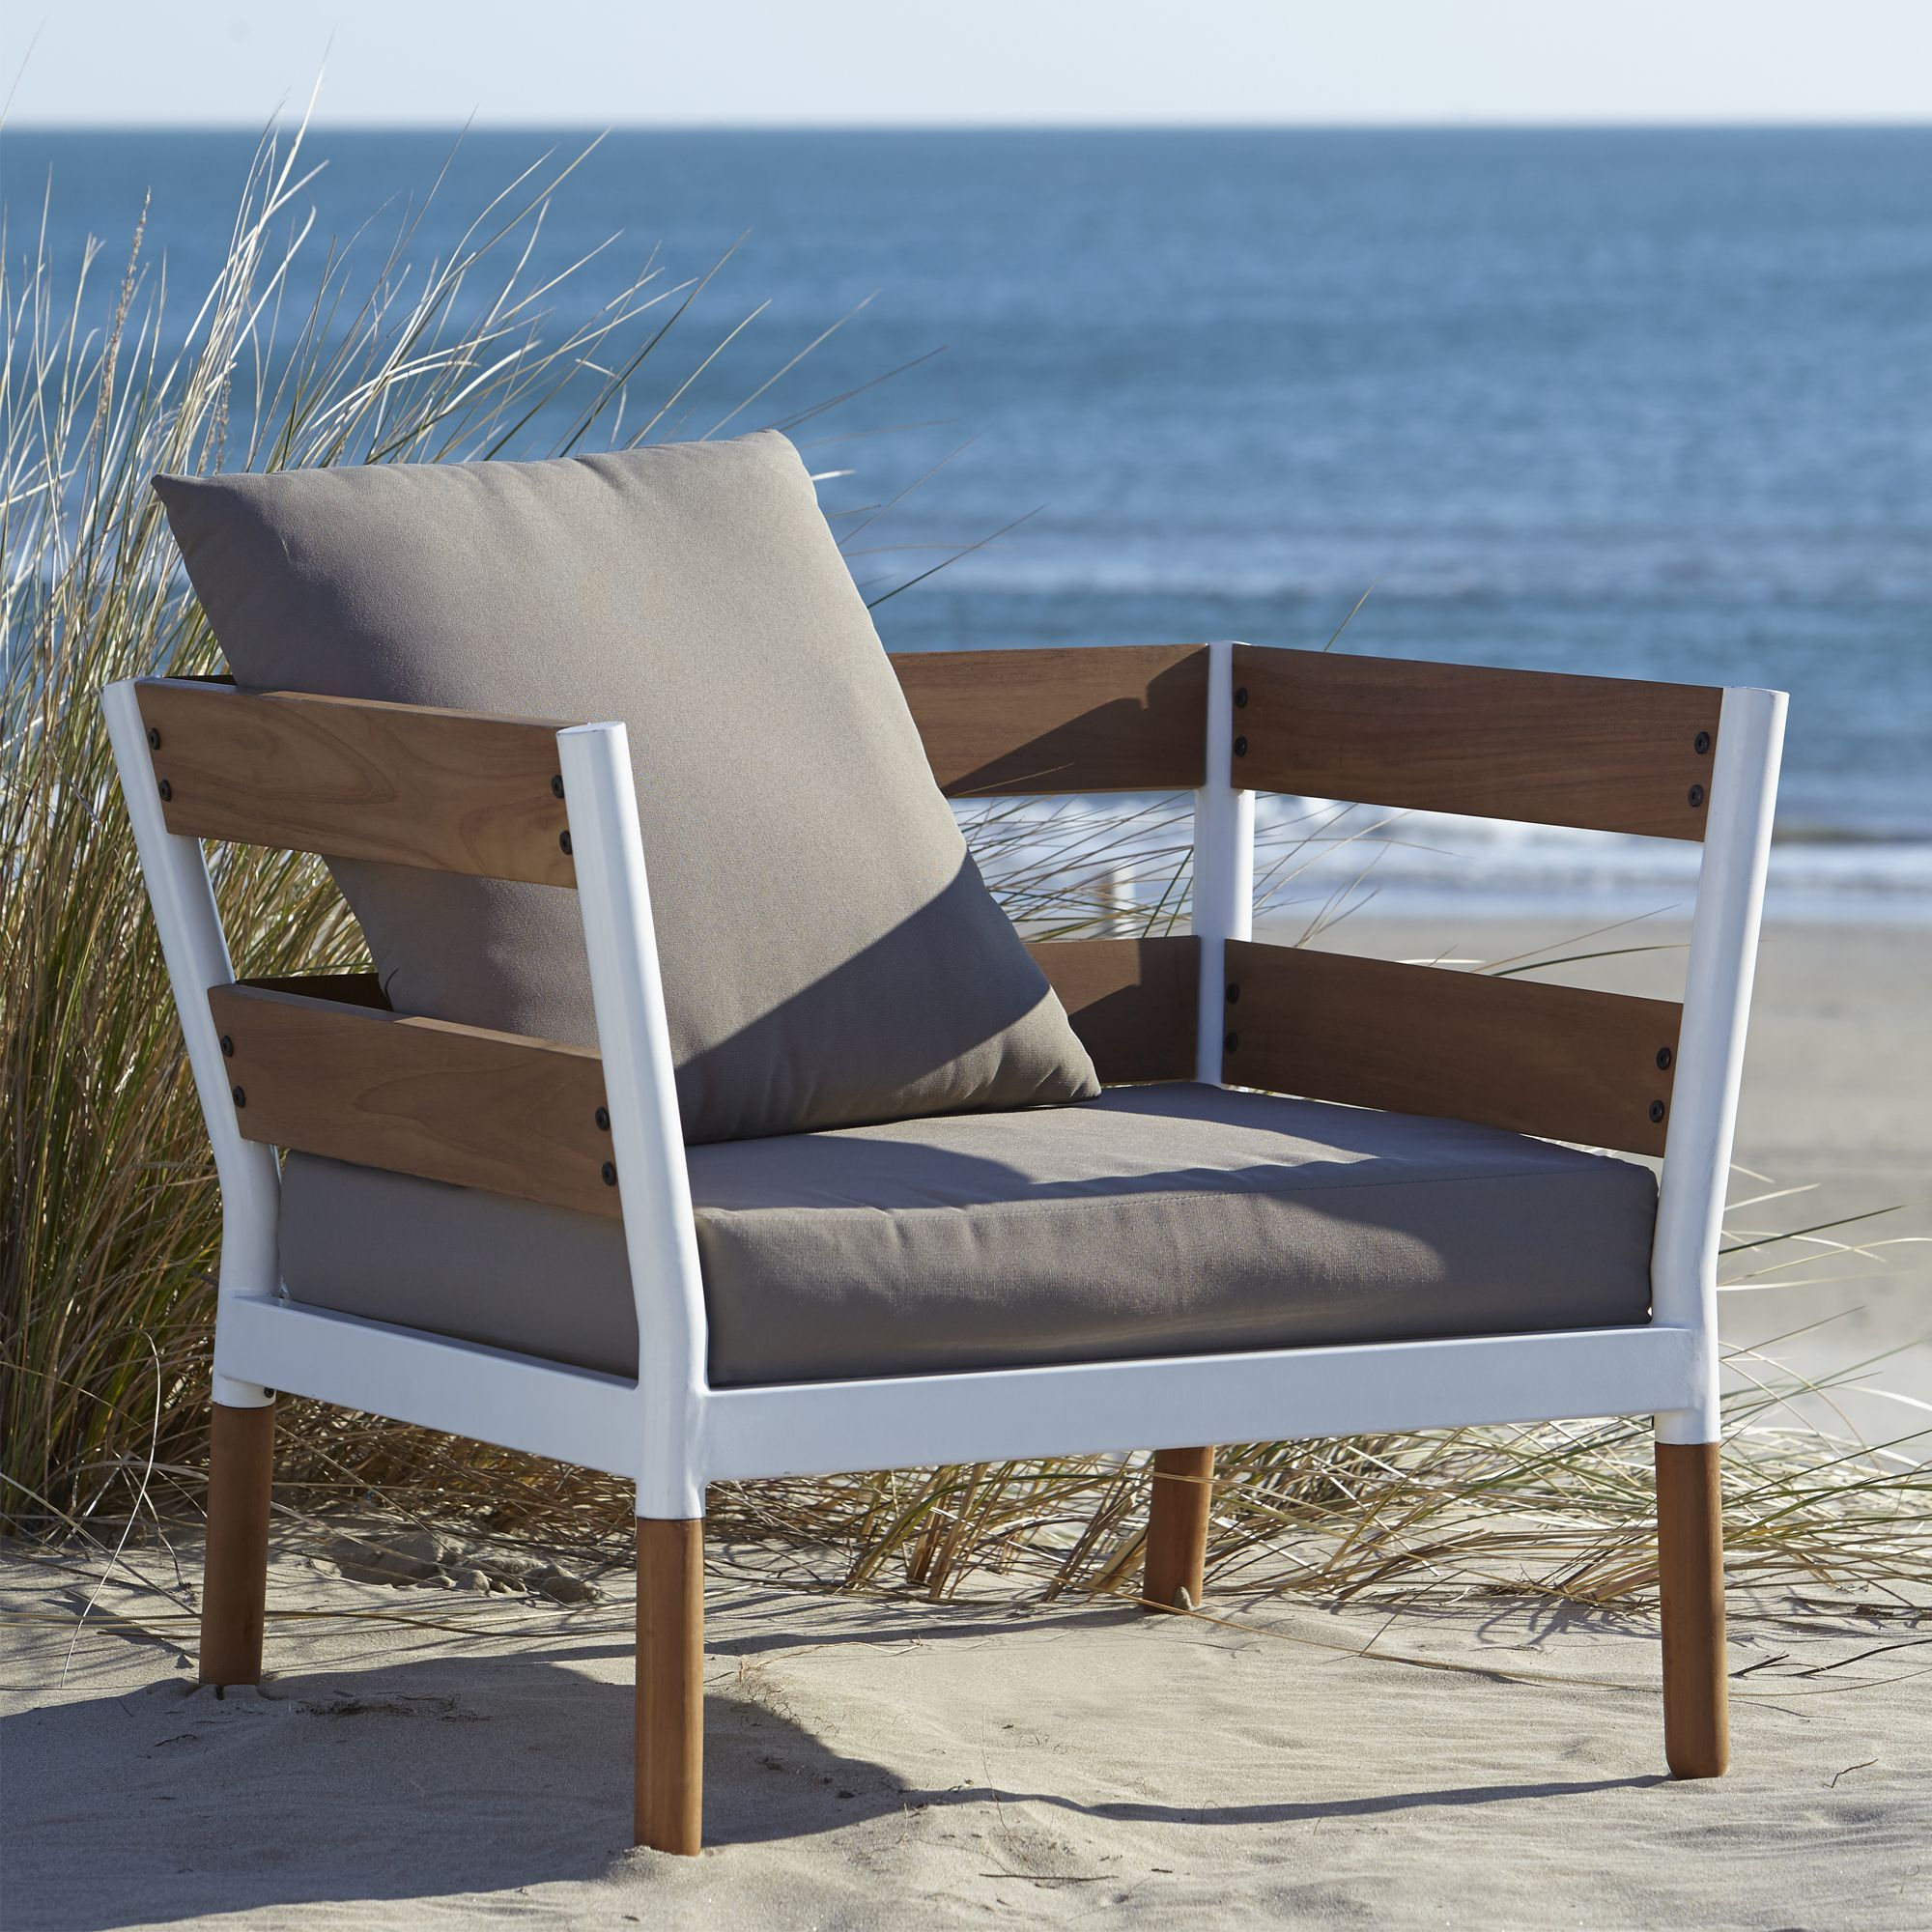 Fauteuil de jardin design Blanc/taupe - Blush - Les fauteuils de ...